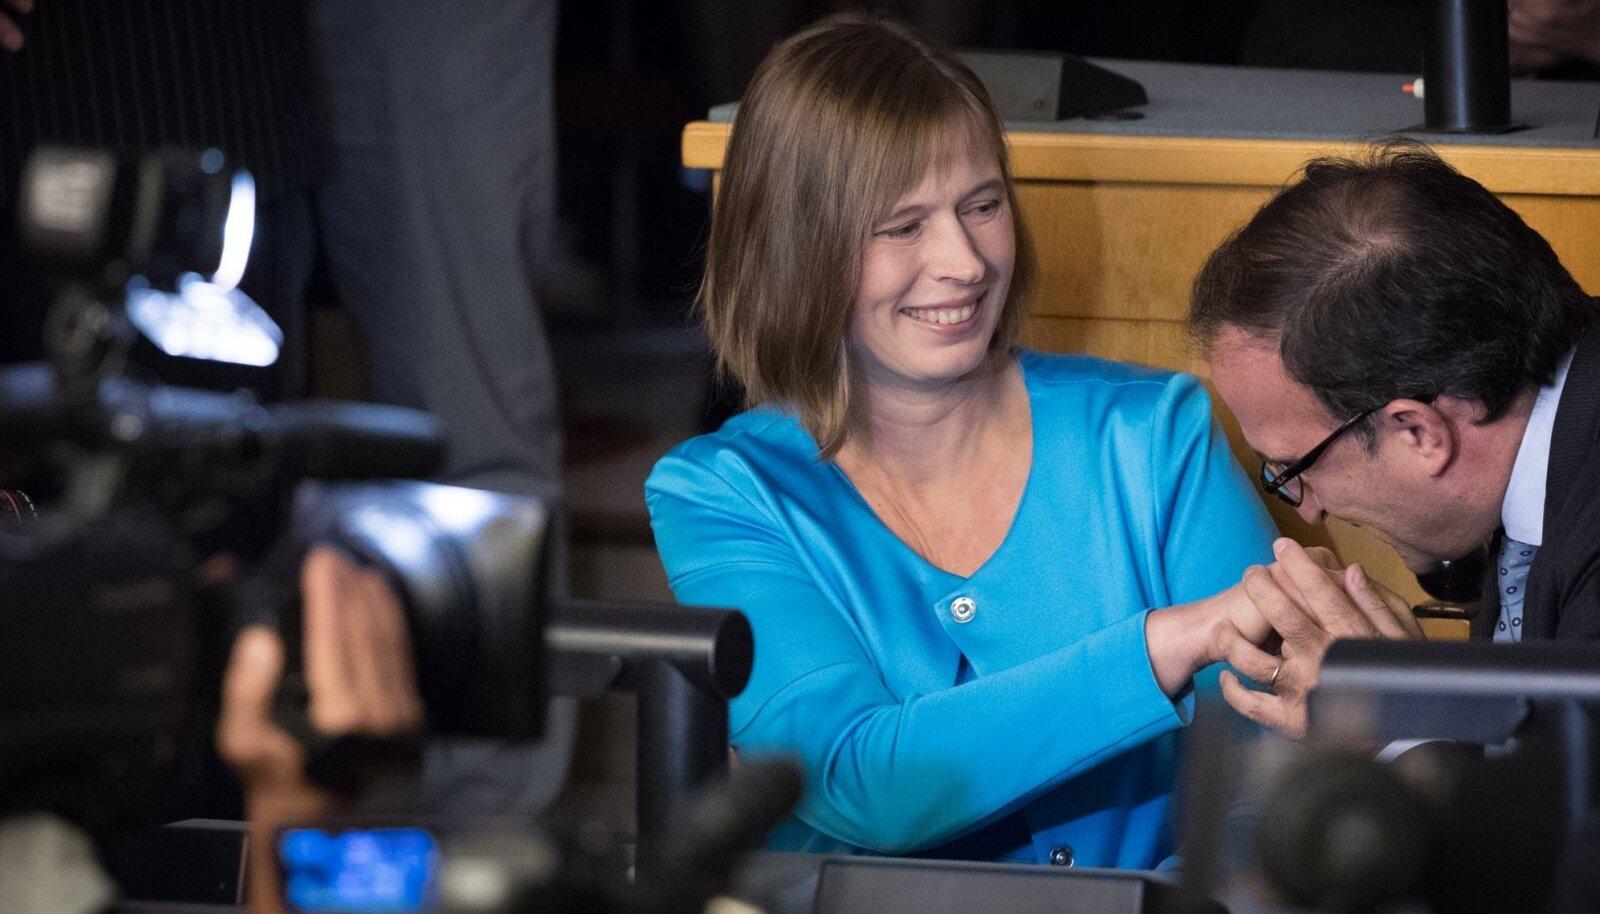 2016. aastal põrgatati presidendivalimisi riigikogu ja valimiskogu vahel augustist oktoobrini, kuni presidendiks sai Kersti Kaljulaid. Olenemata tänastest hääletustulemustest jääb ebameeldiv tunne paljudele ka seekordsetest valimistest.